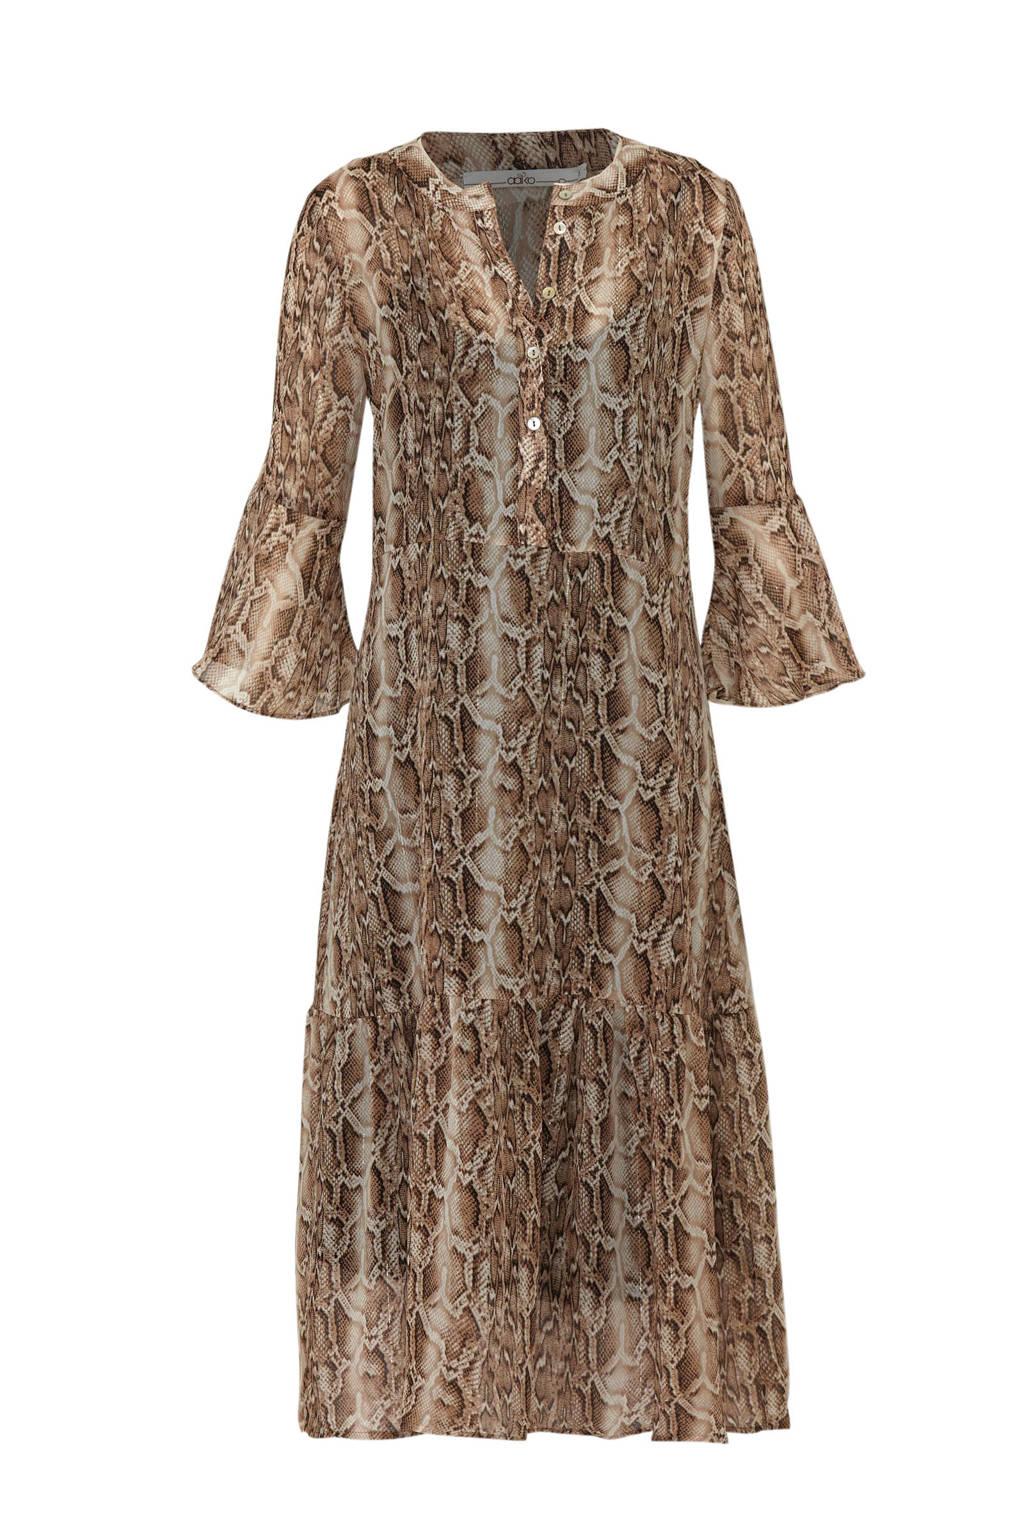 Aaiko jurk met slangenprint, Bruin/ecru